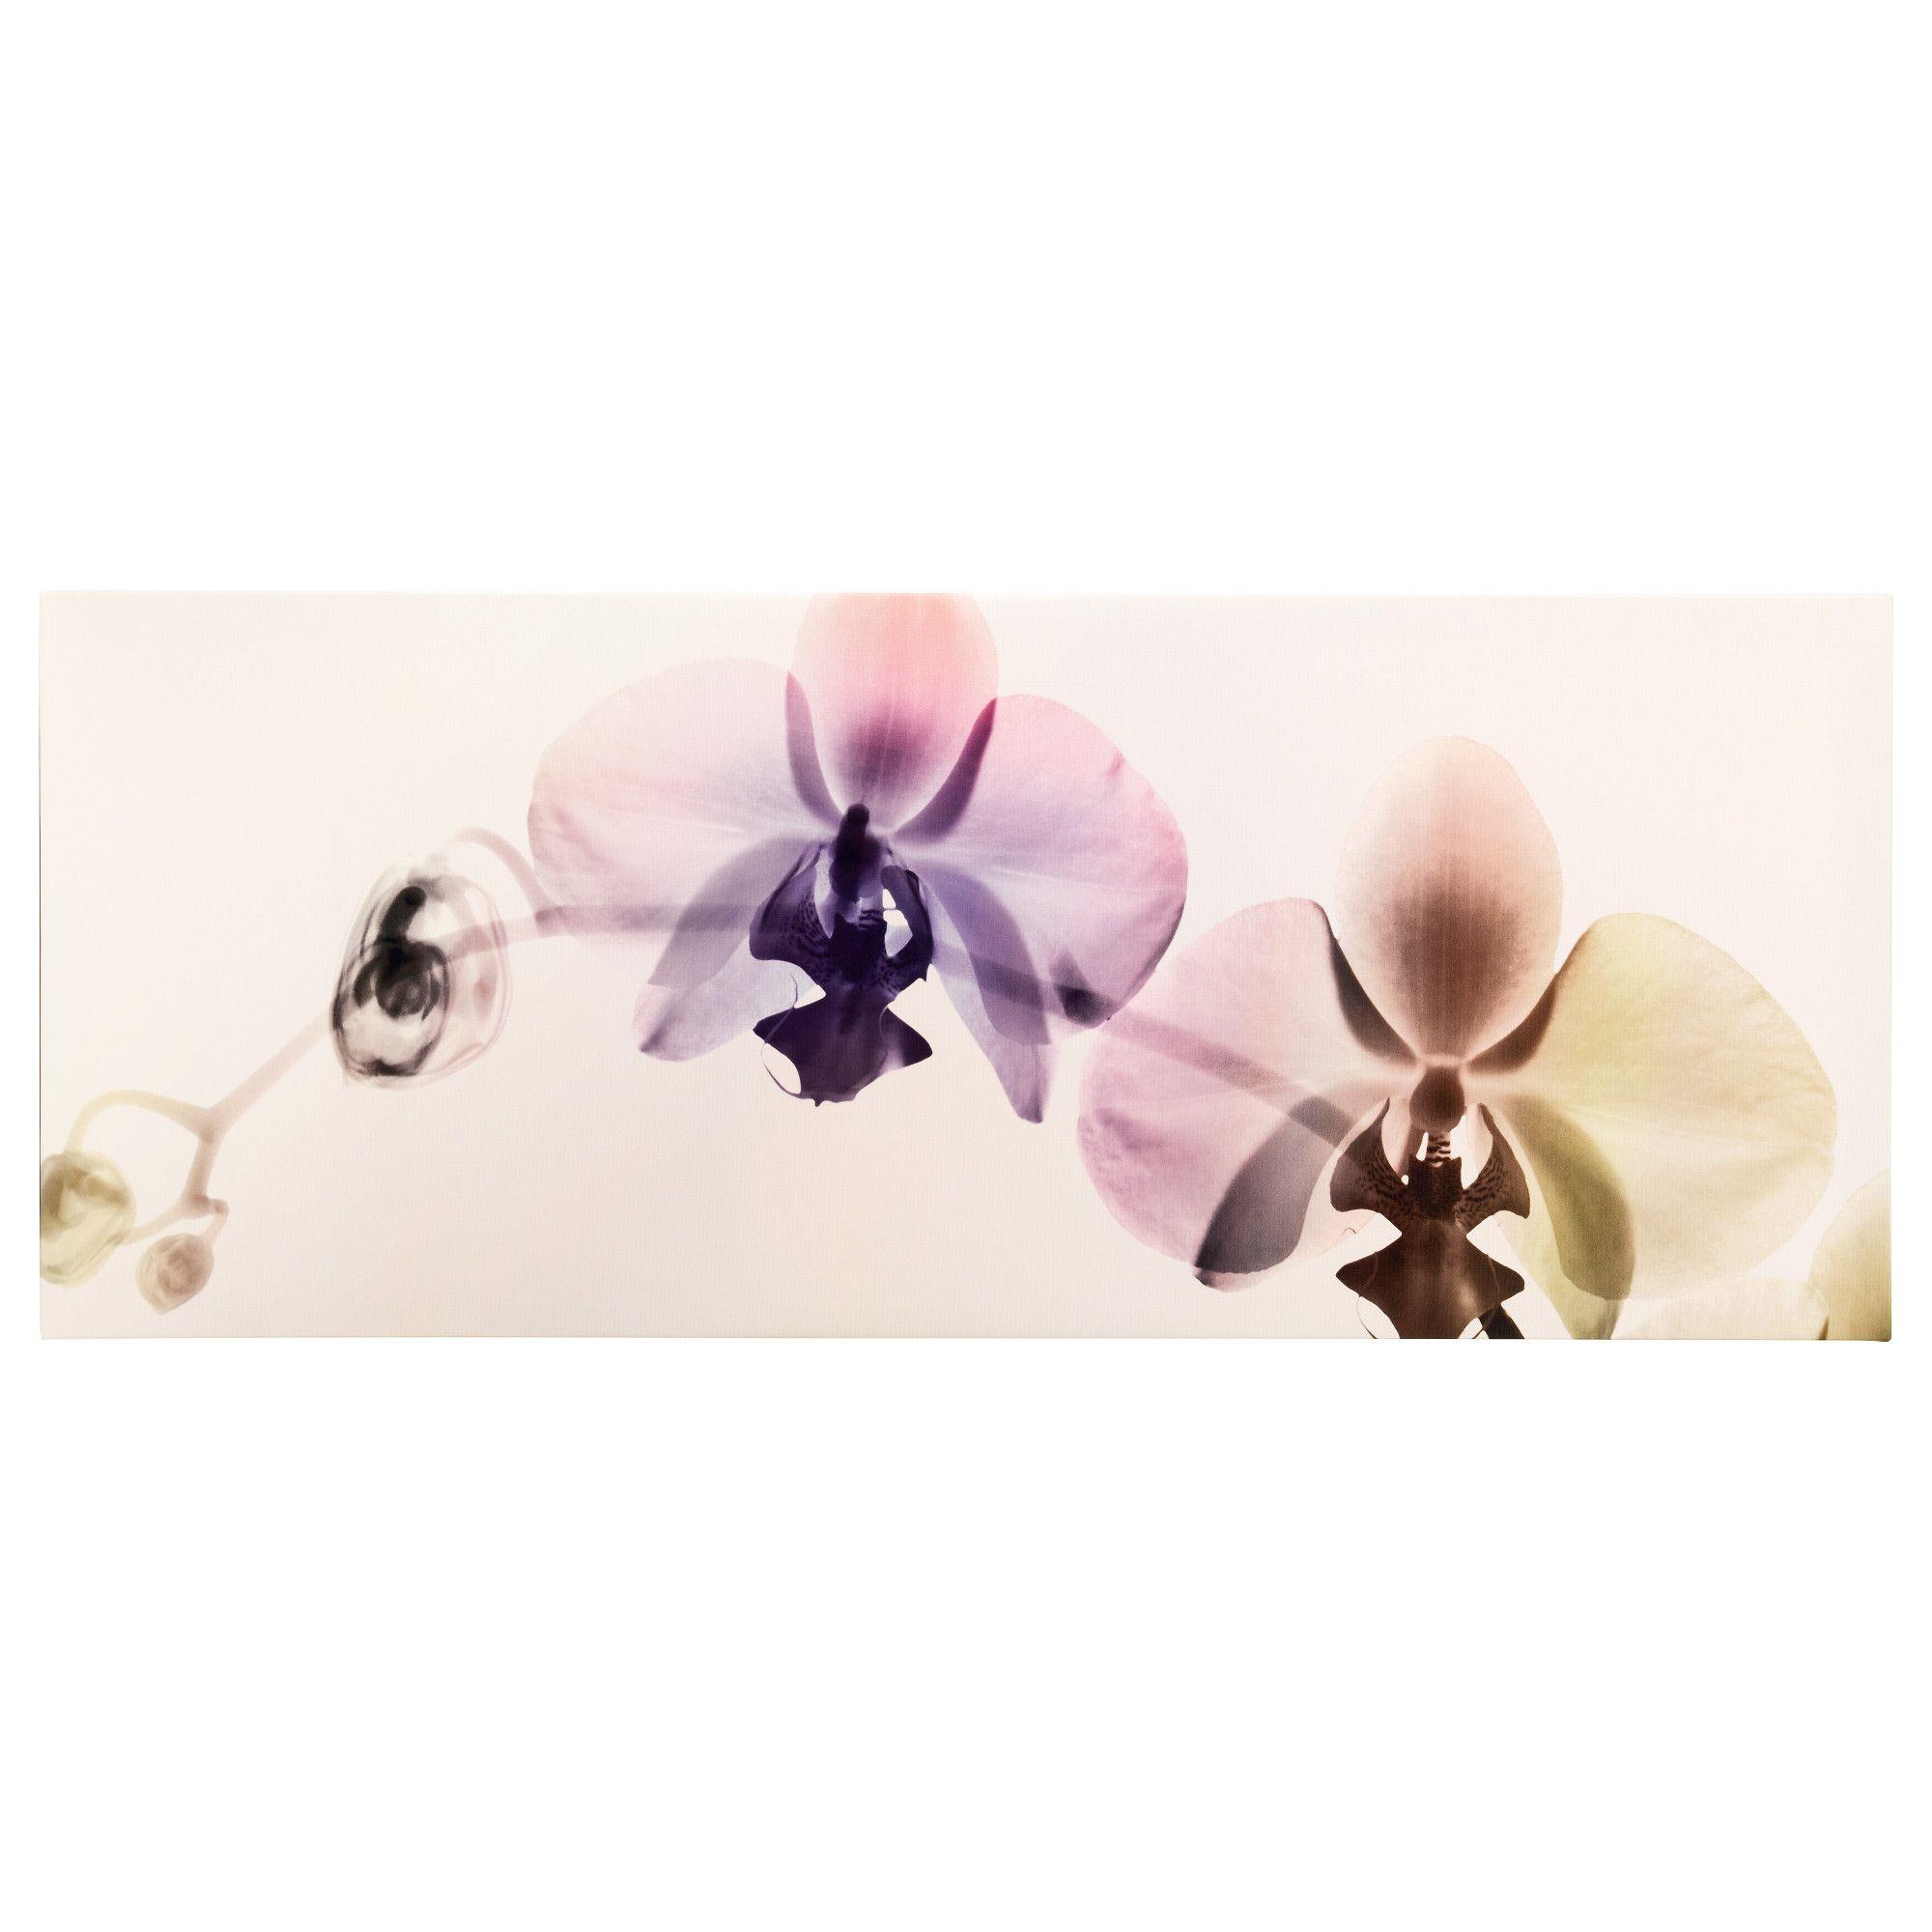 PJÄTTERYD Afbeelding zonder lijst Orchideeënspectrum 140 x 56 cm ...